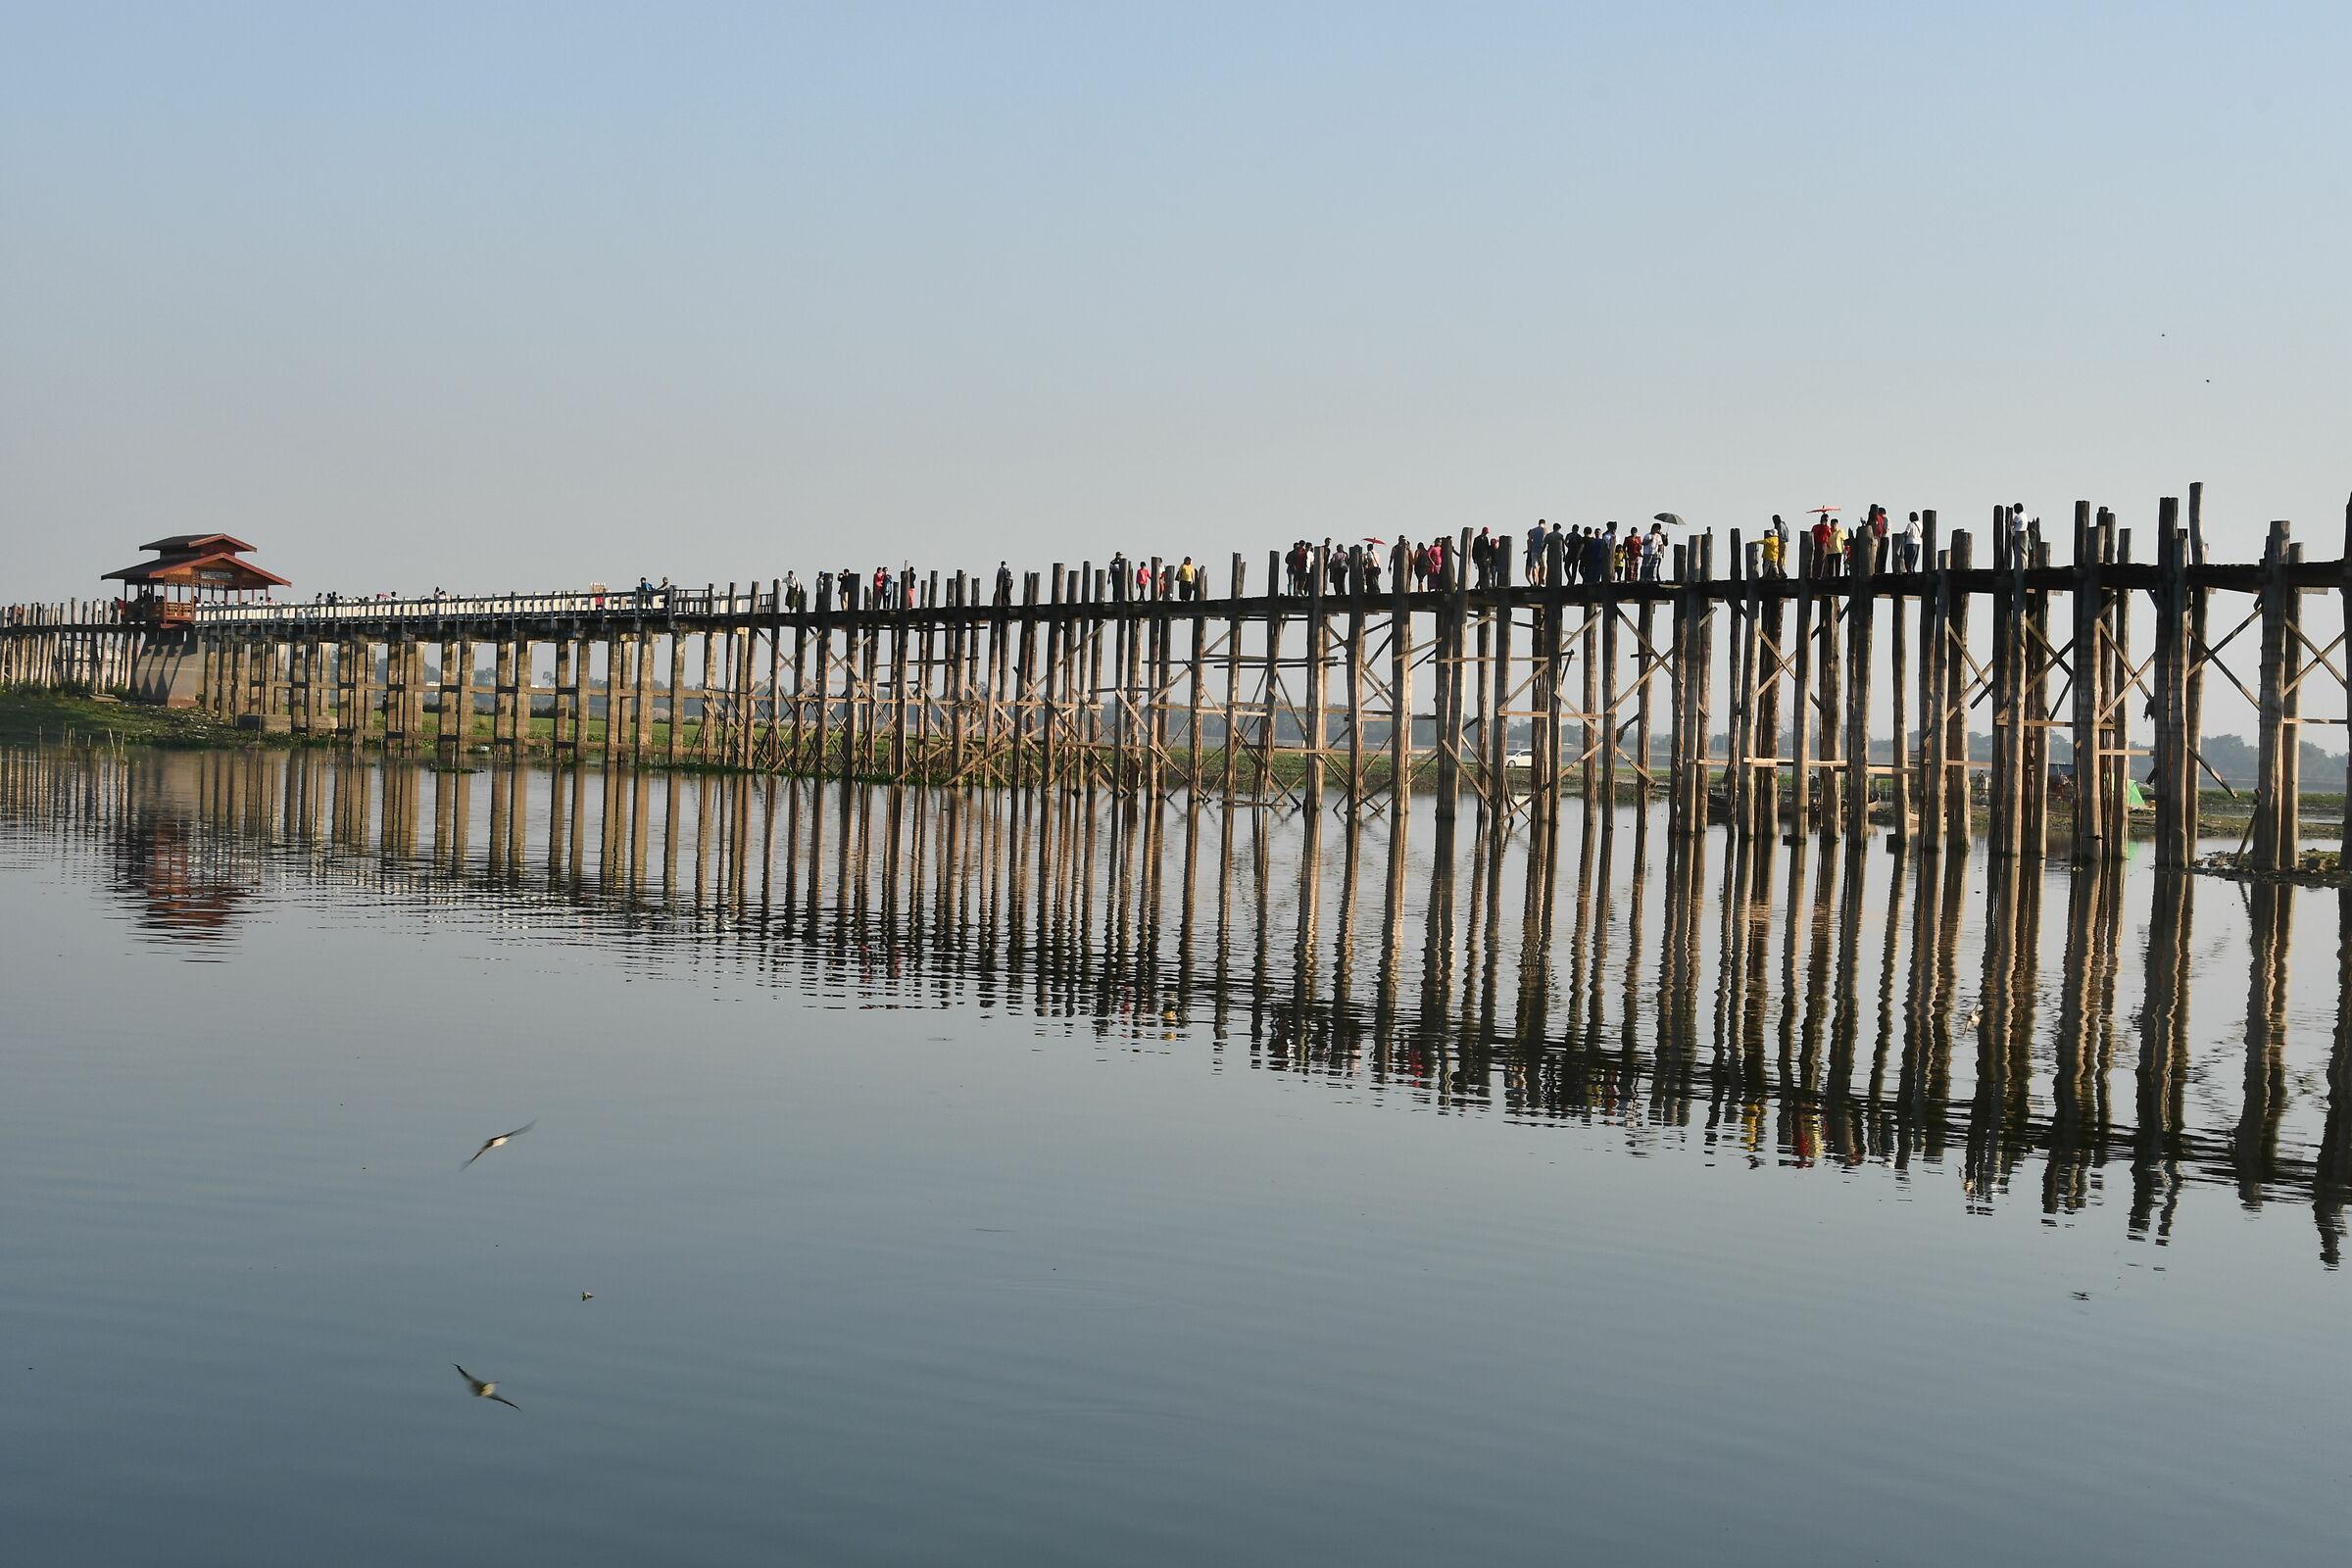 U Bein Bridge on Lake Taun...